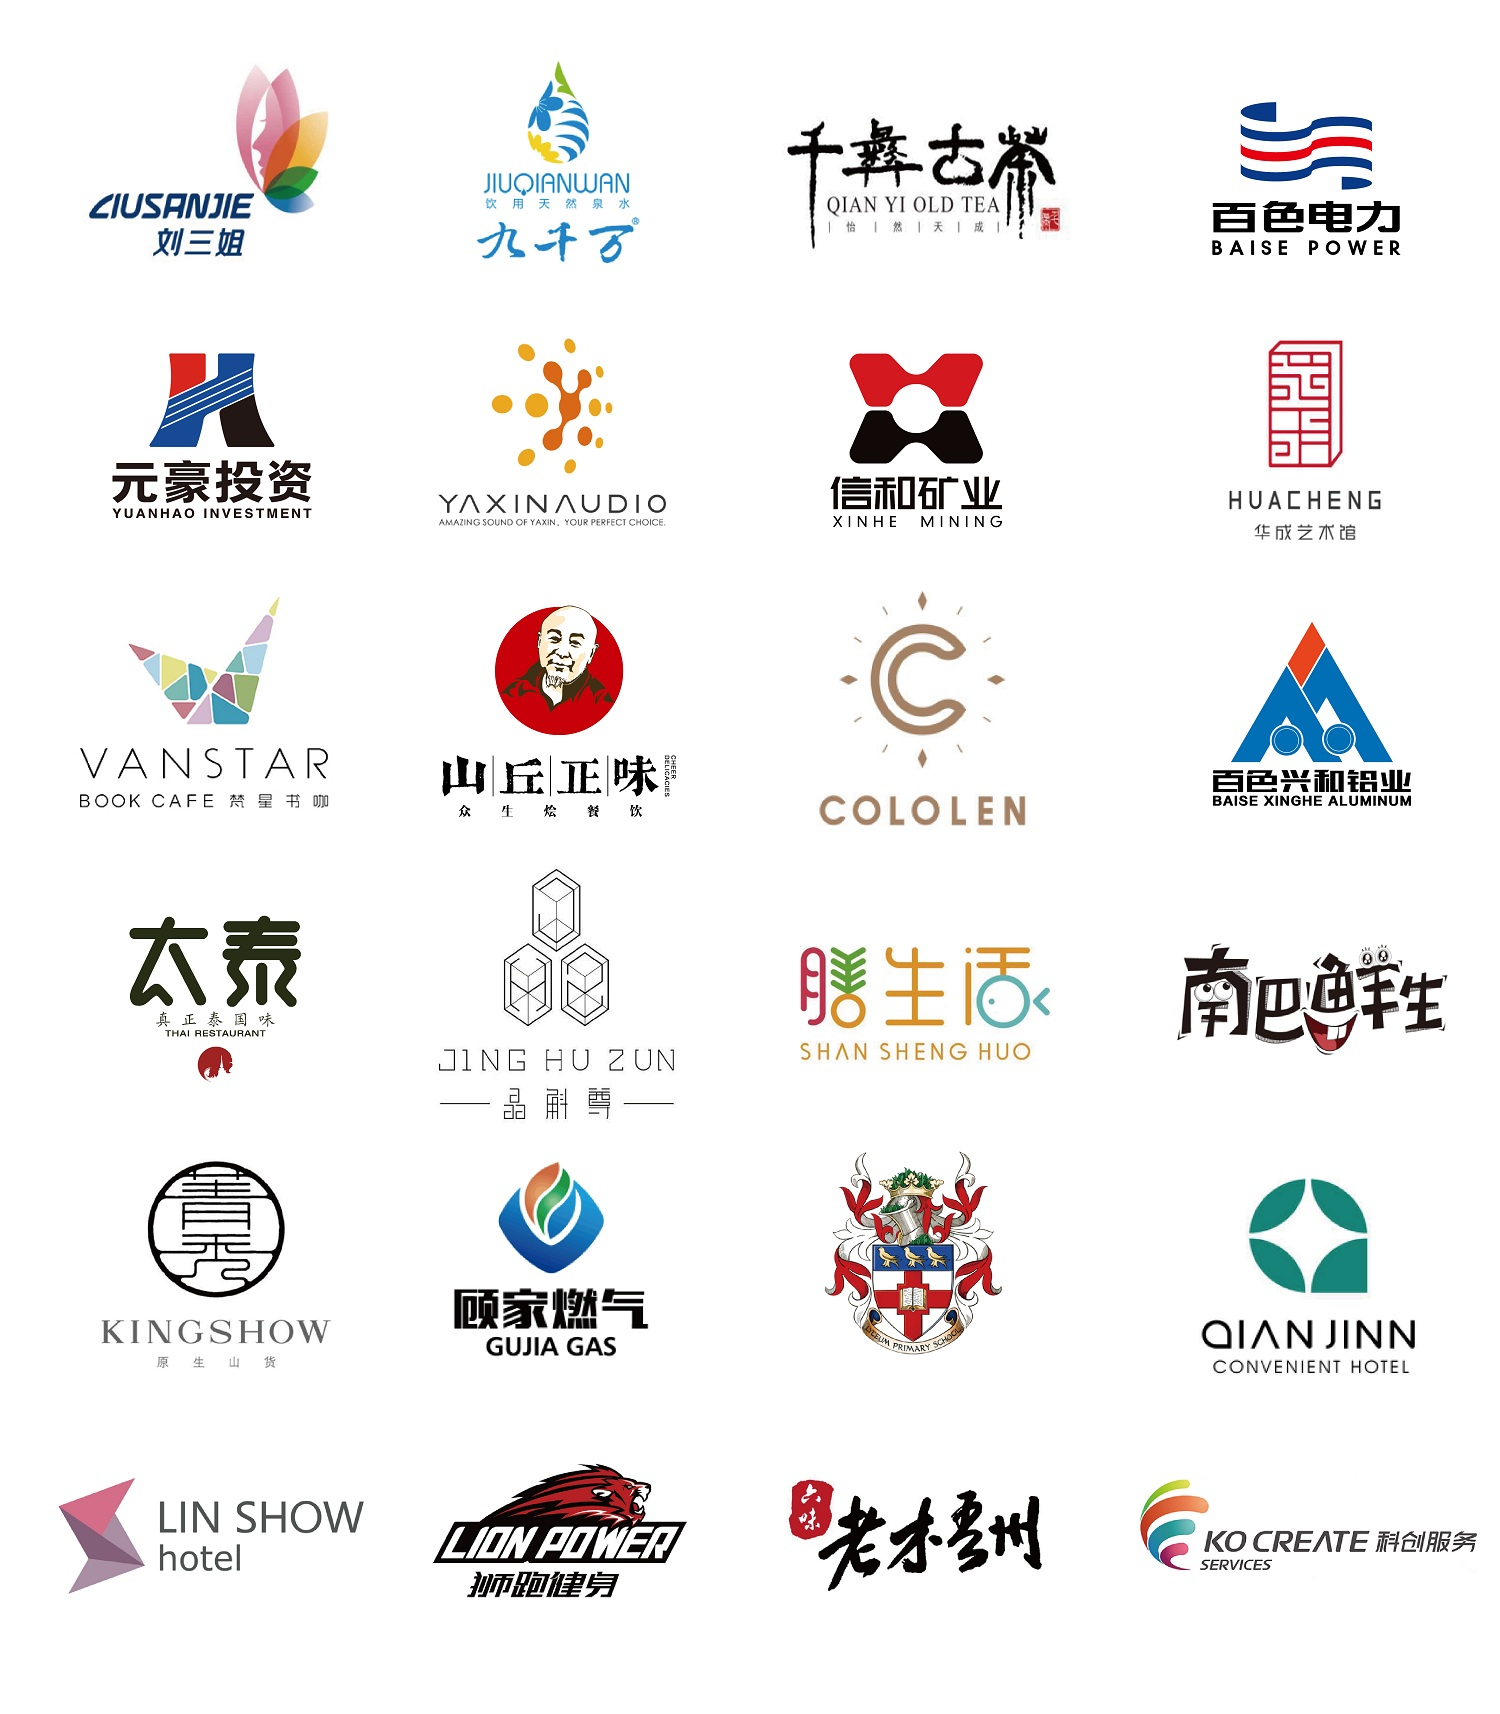 南寧logo延展_杯子定制logo相關-廣西南寧領略文化傳播有限公司